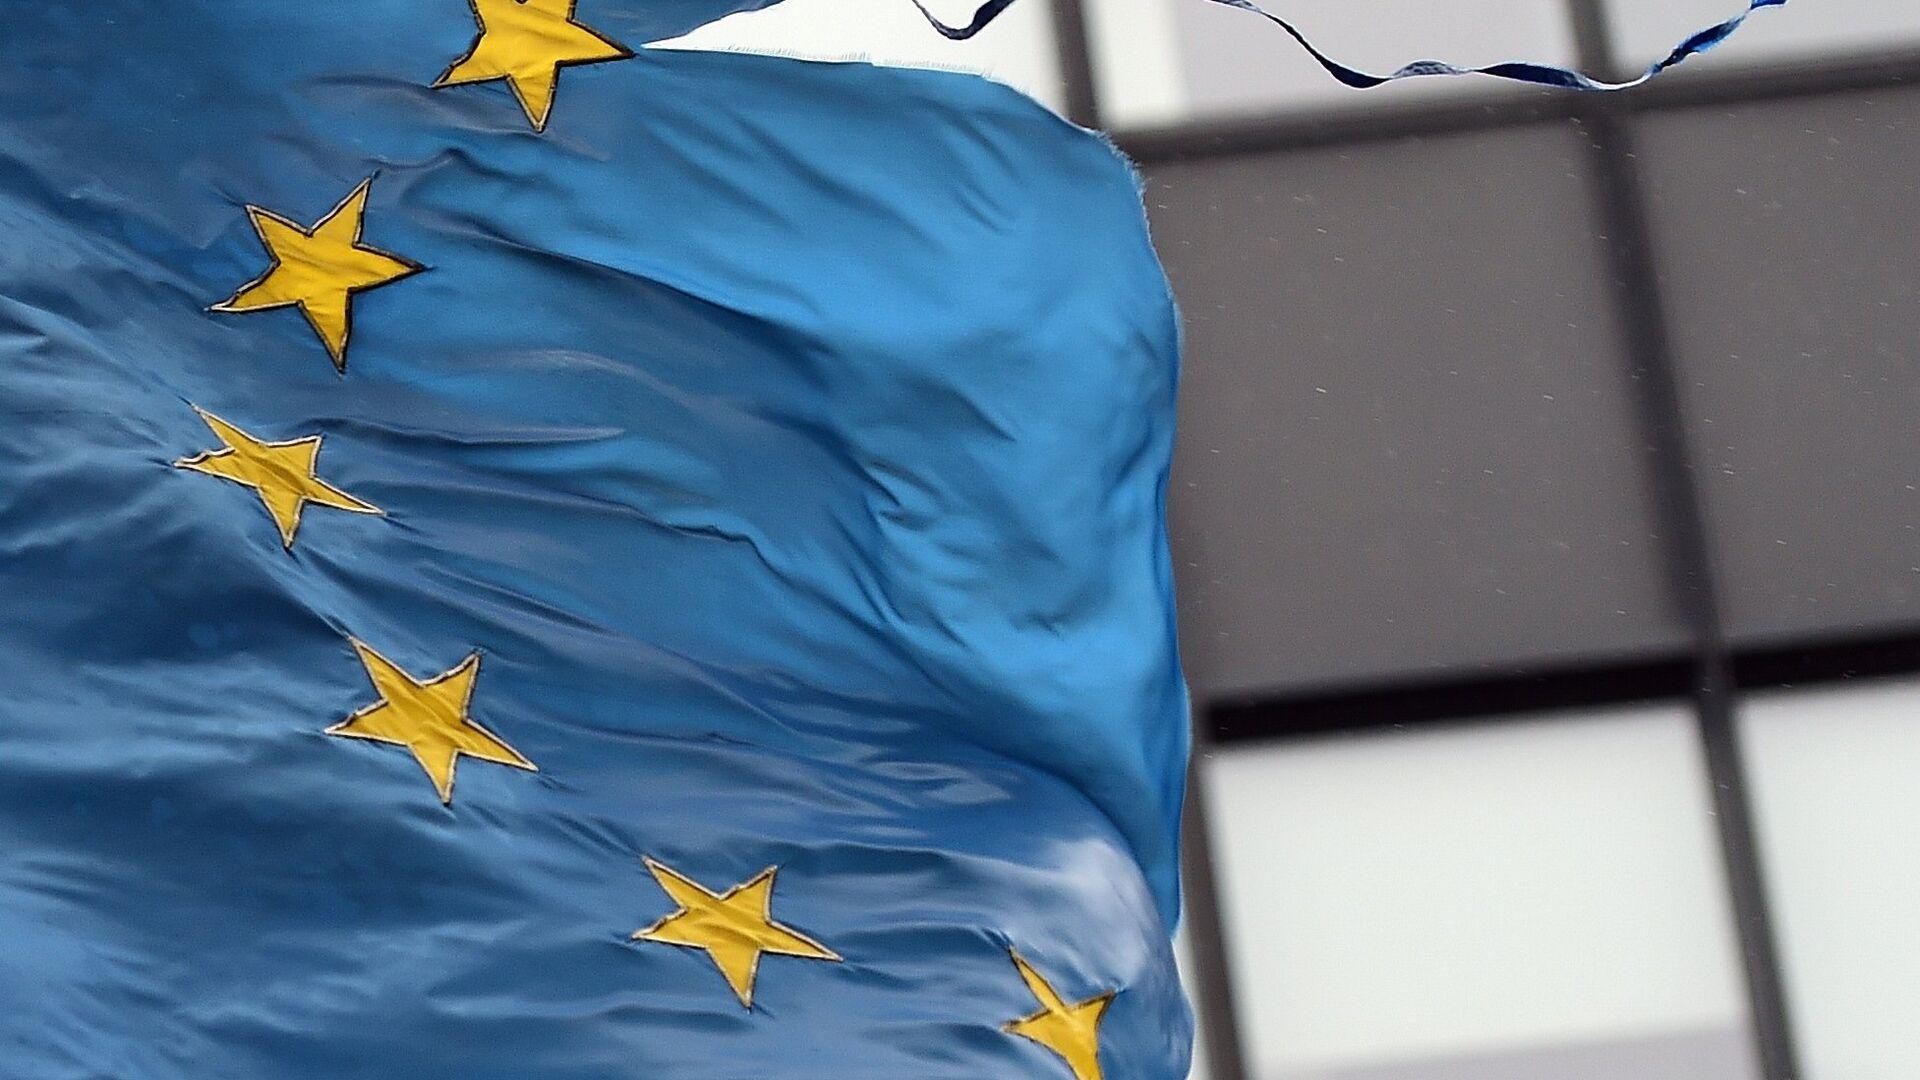 Flaga UE  - Sputnik Polska, 1920, 14.10.2021